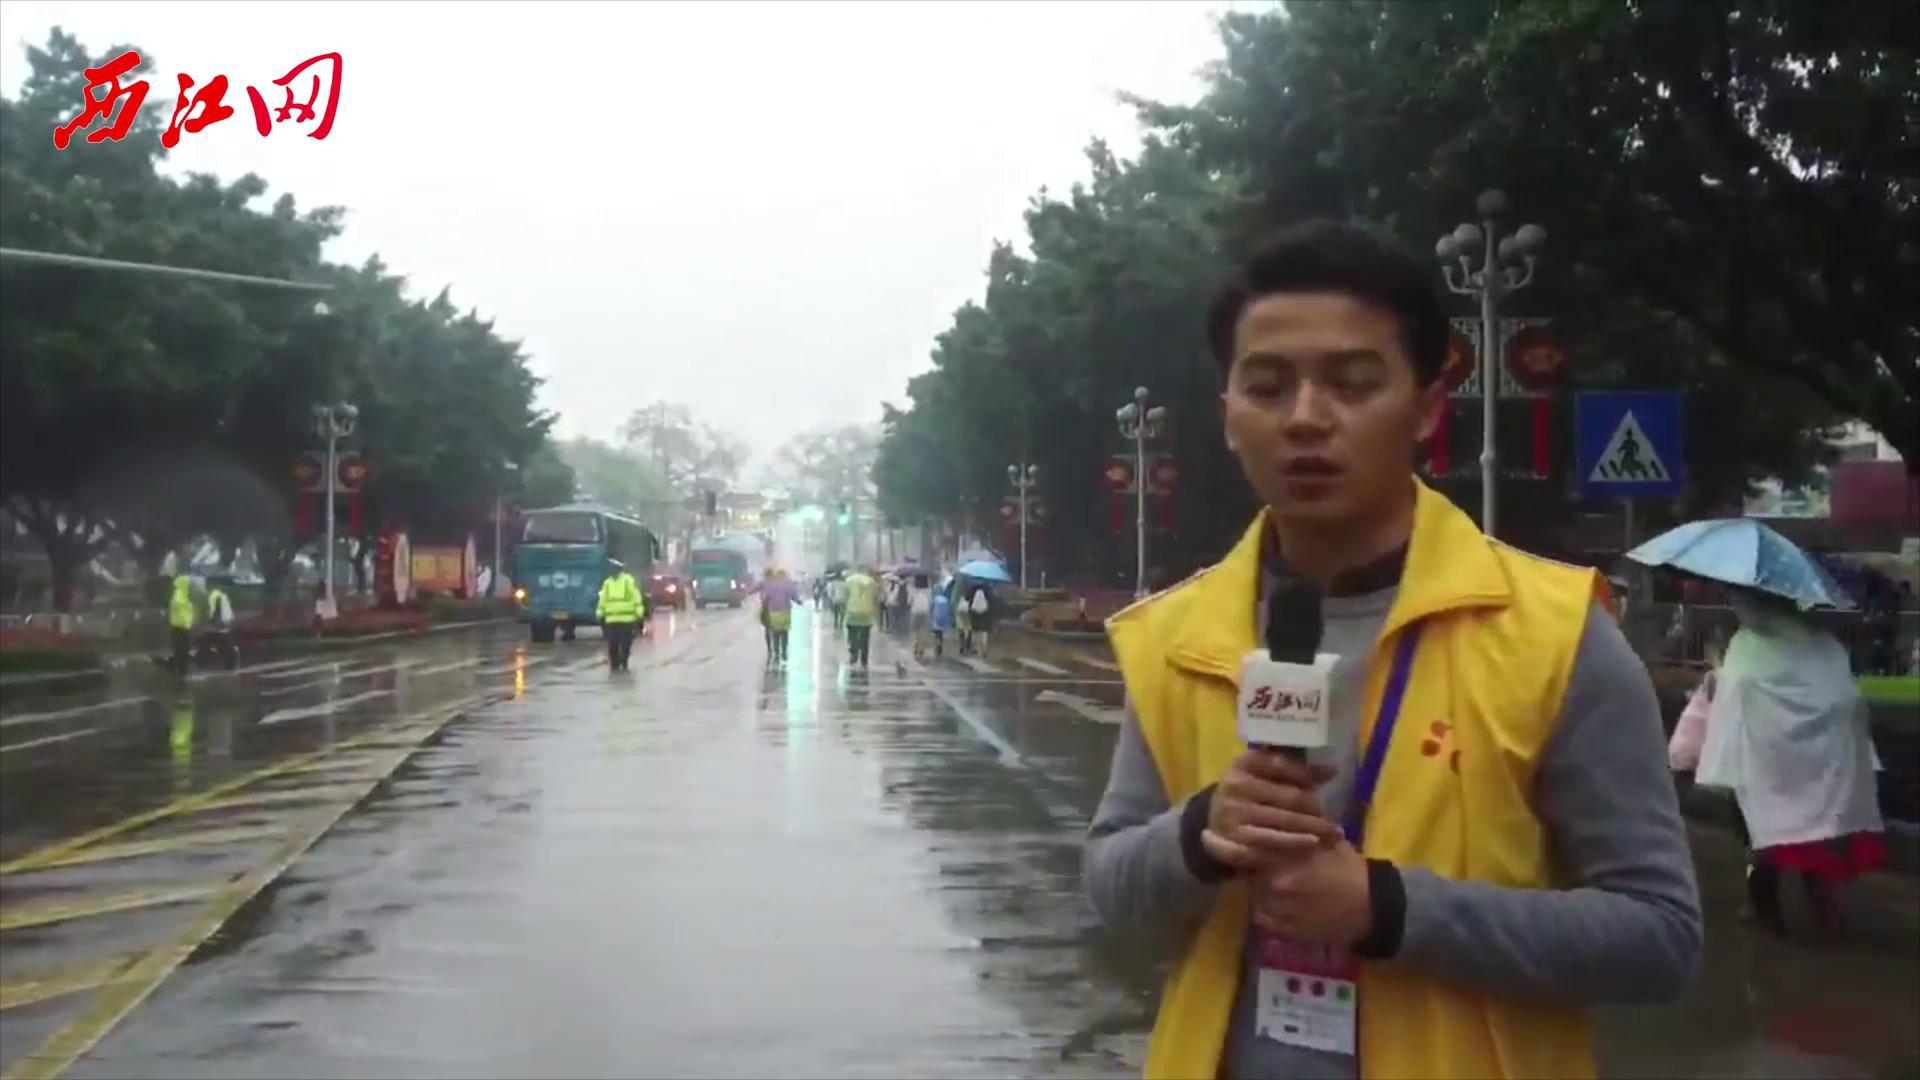 肇马直播精华剪辑